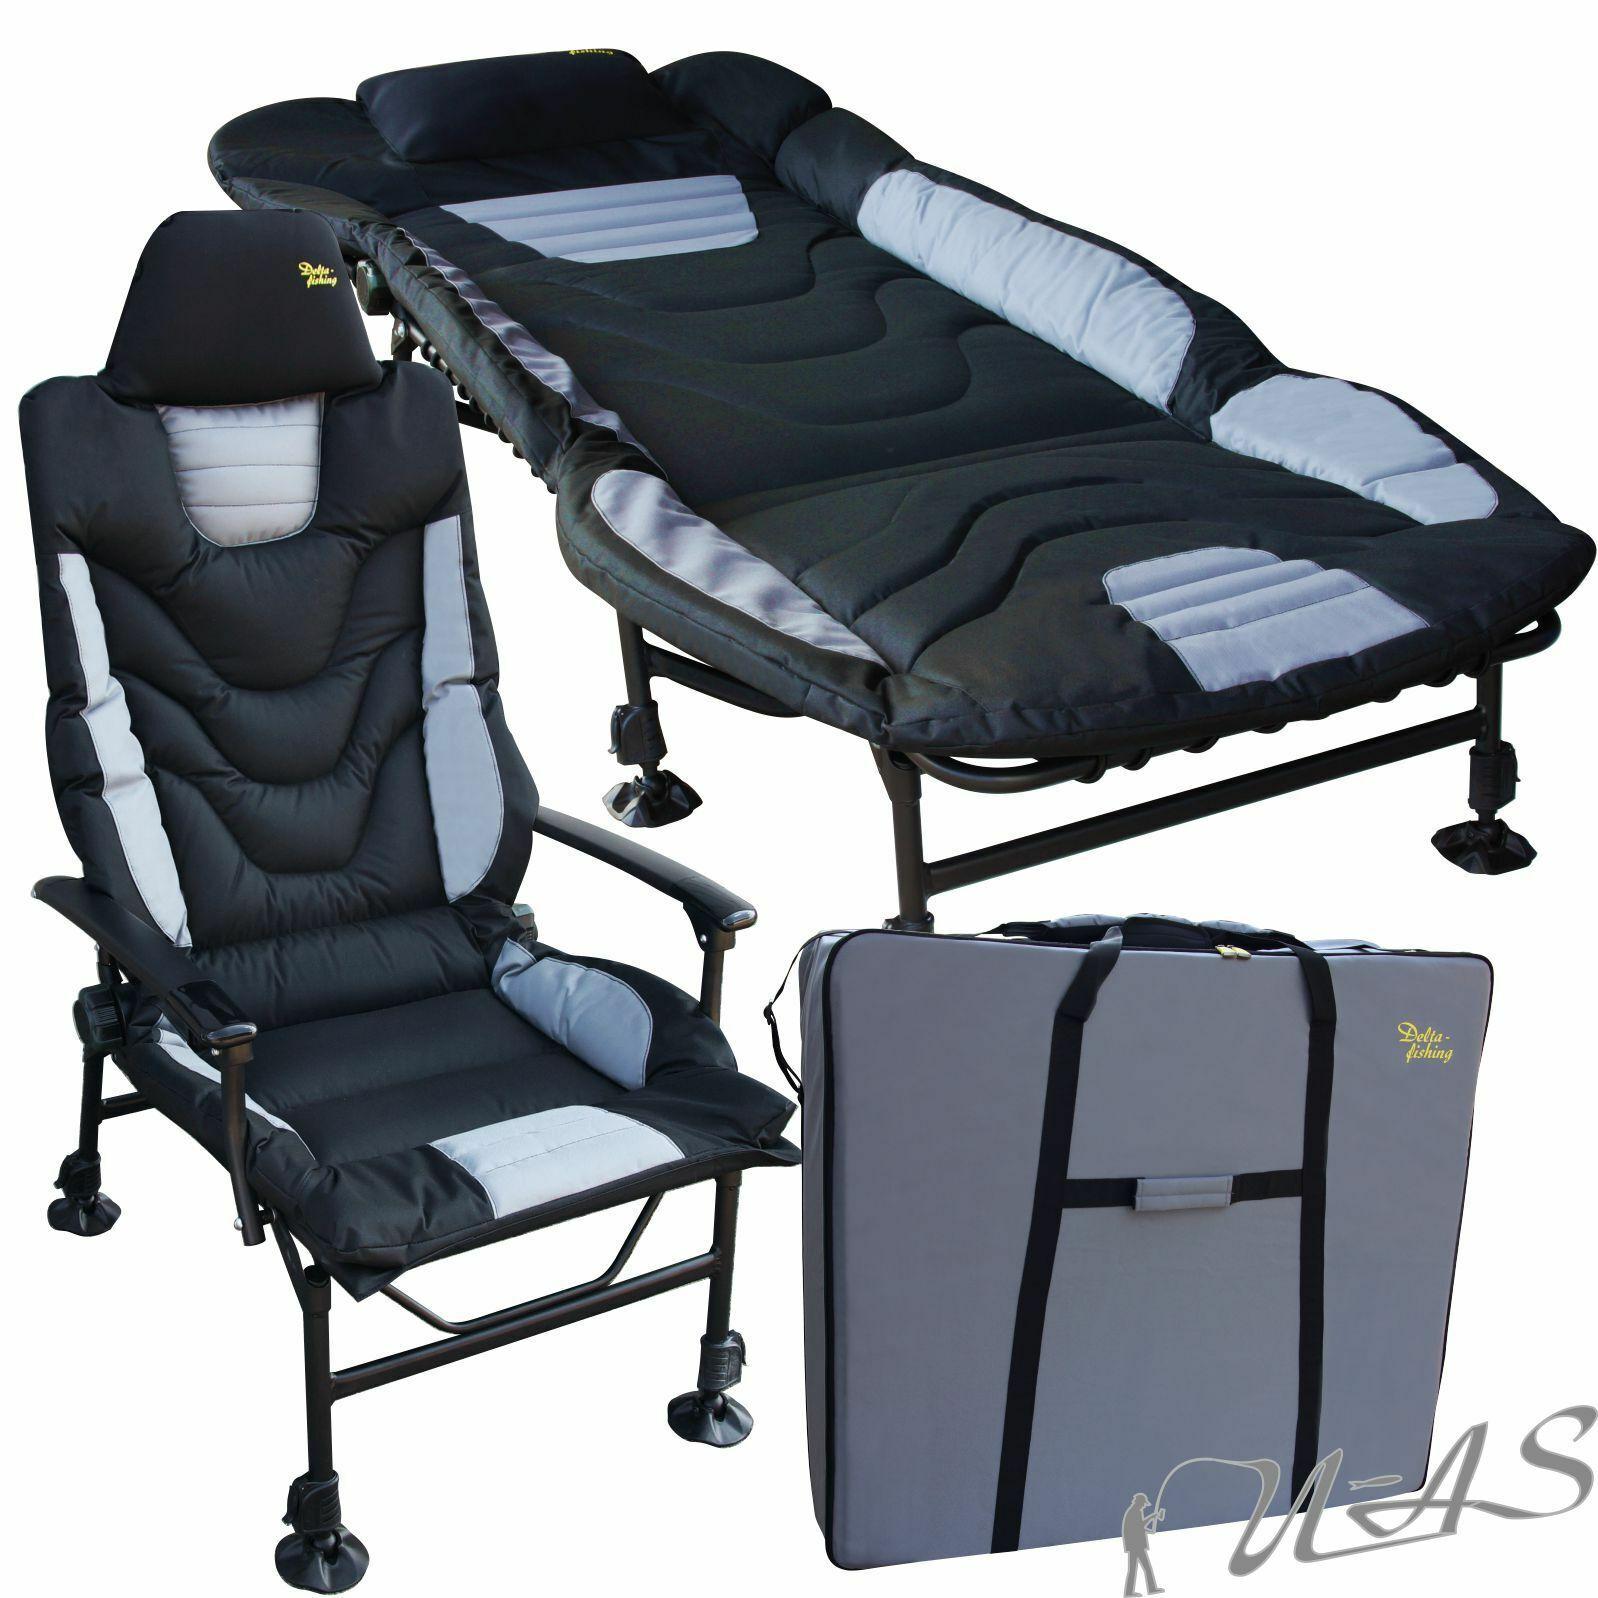 DELTA pesca selezione LUSSO tuttiuminio autopa sedia sdraio borsa da trasporto KVA